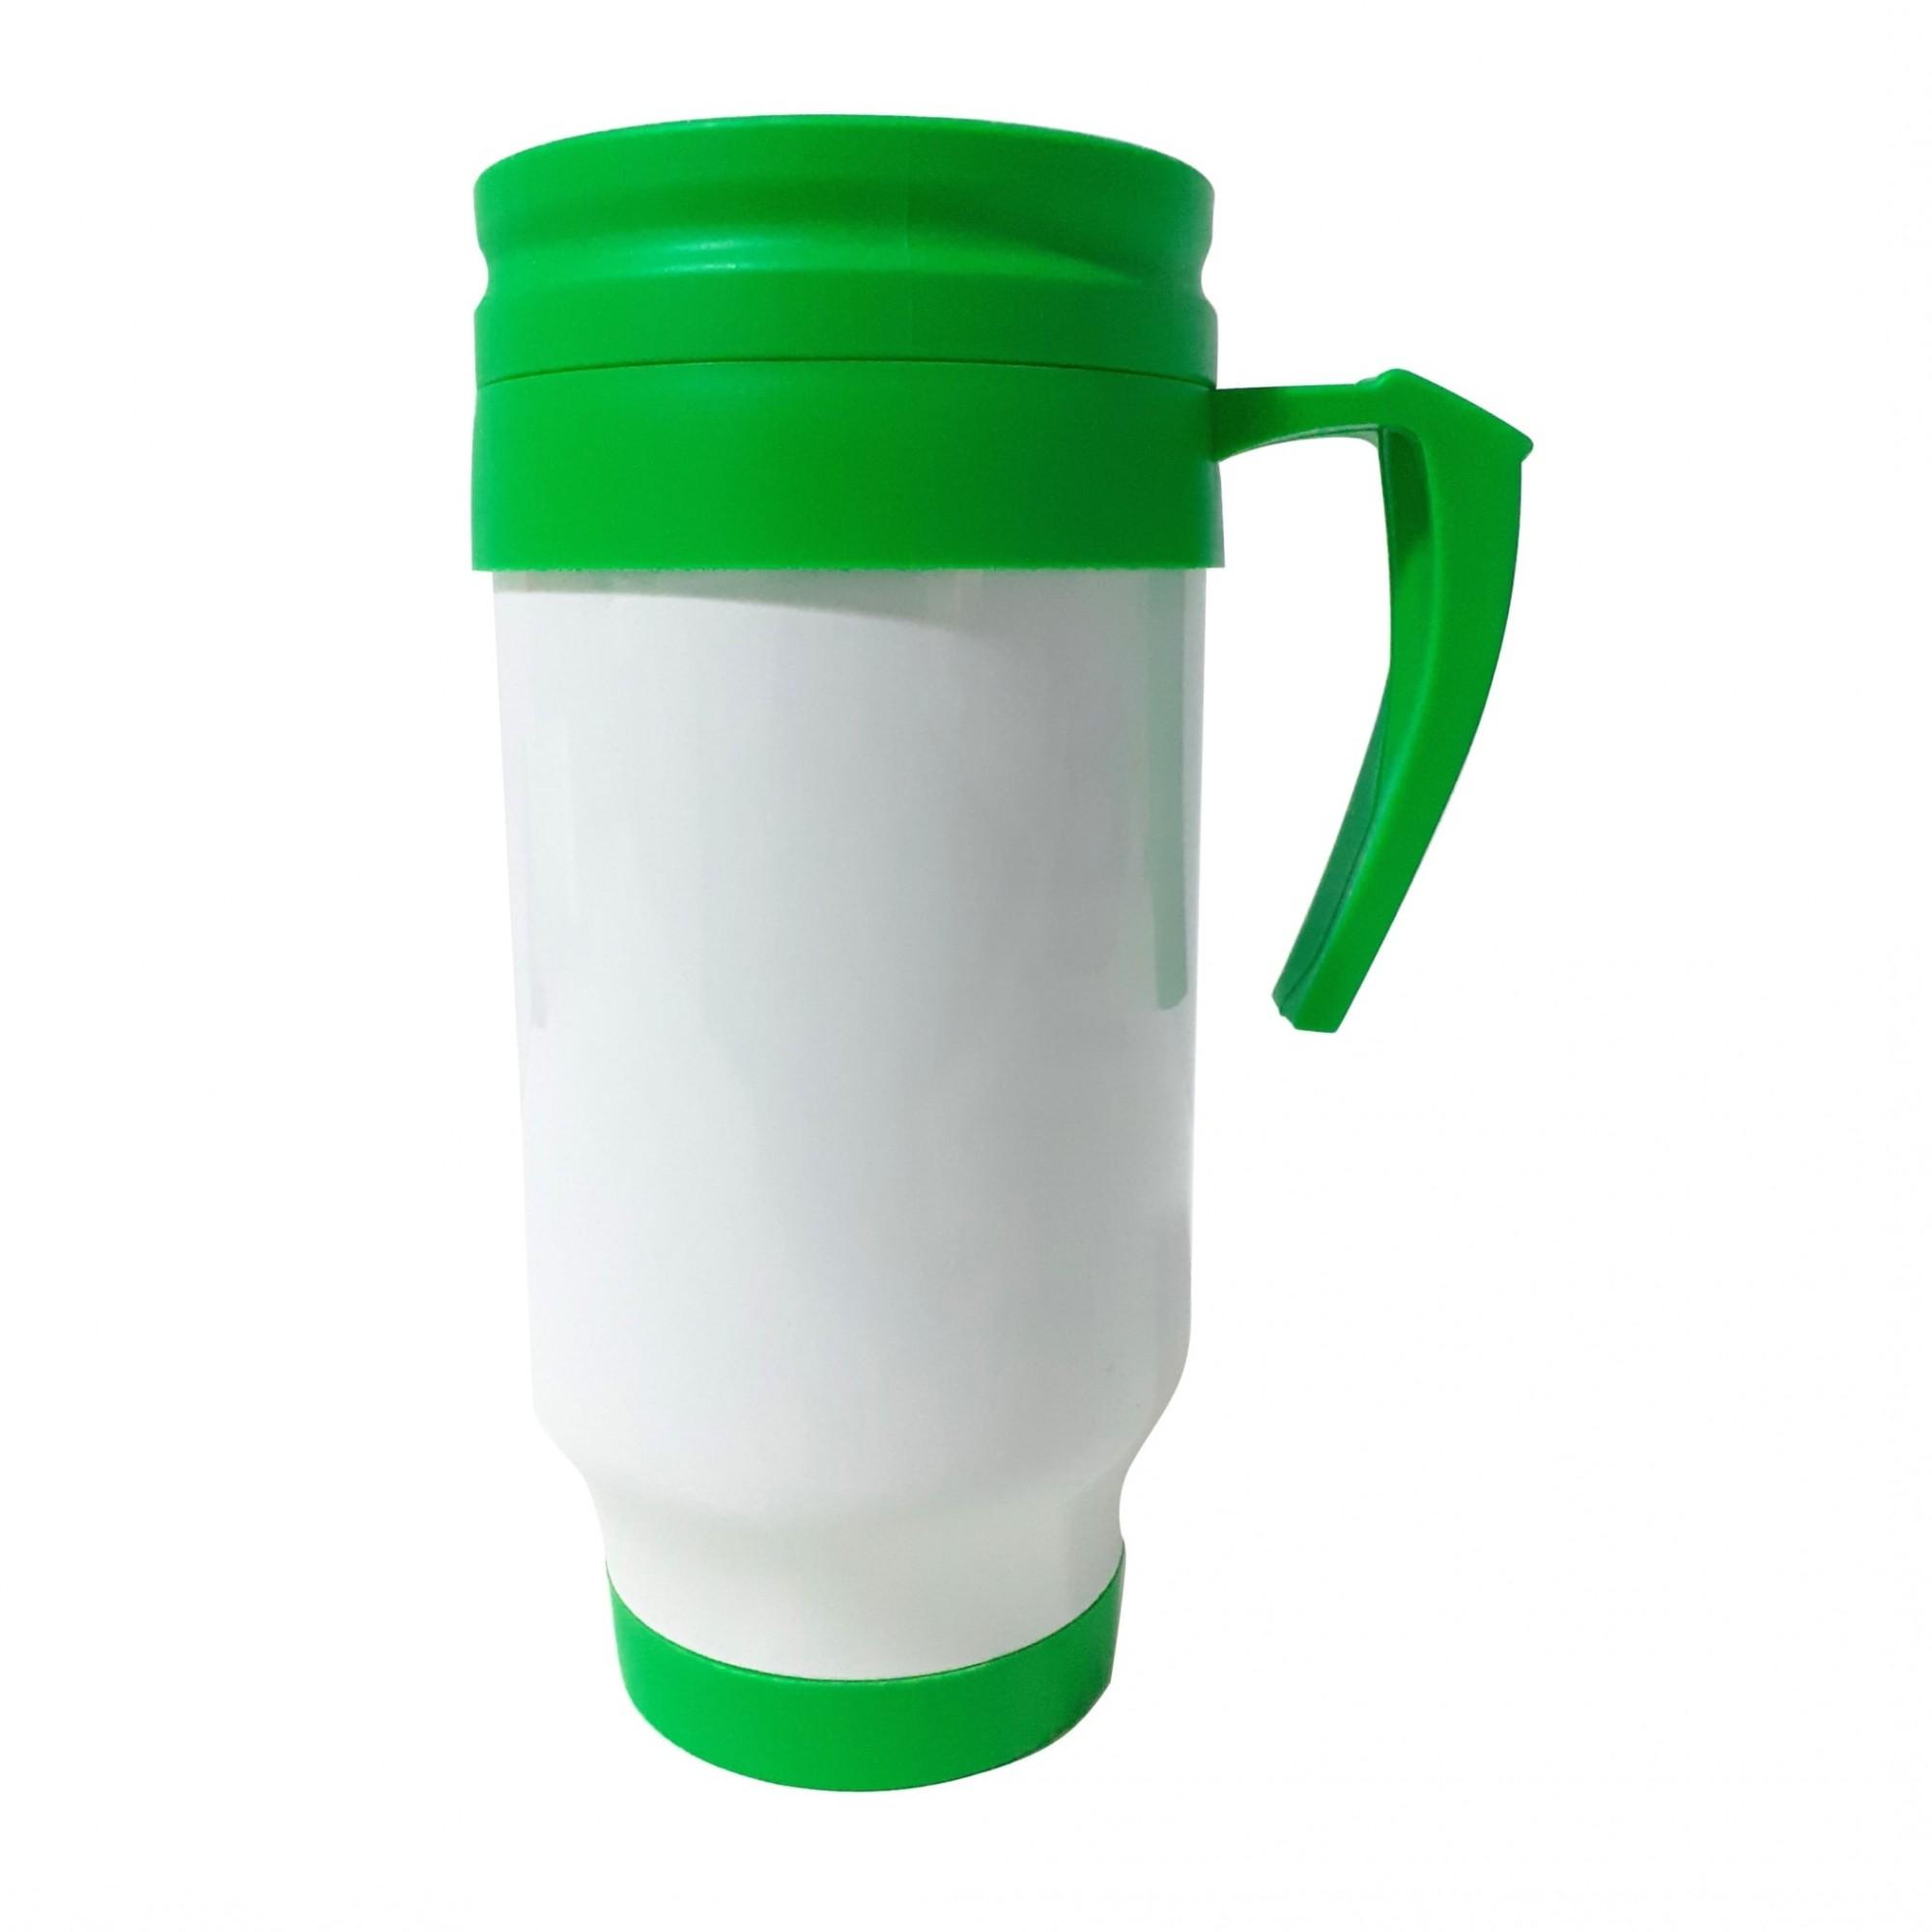 Caneca Térmica em Polímero Para Sublimação - Verde -SFCT